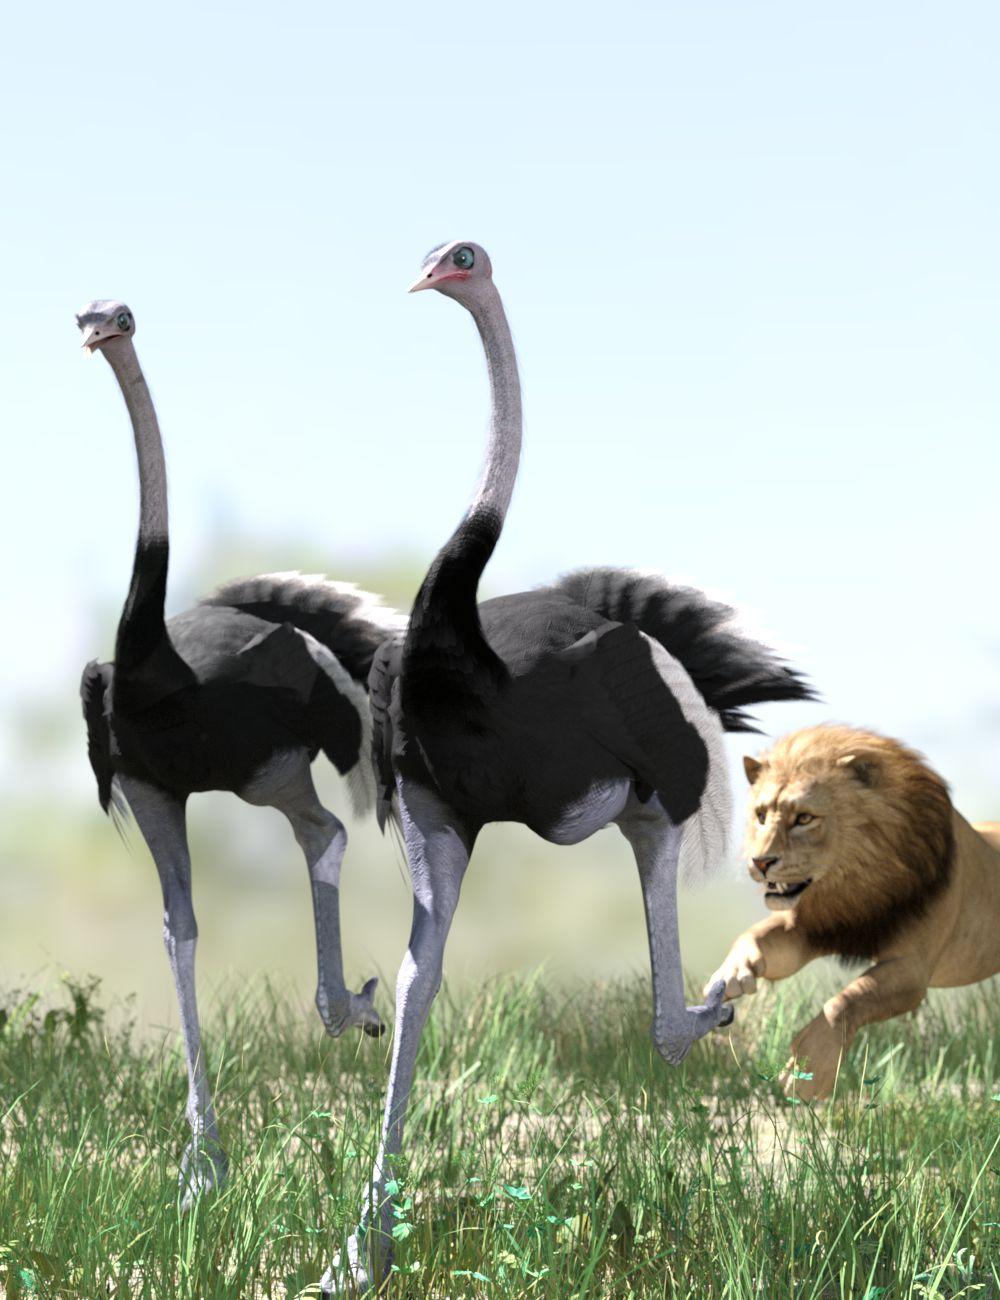 Ostriches-Iray.jpg